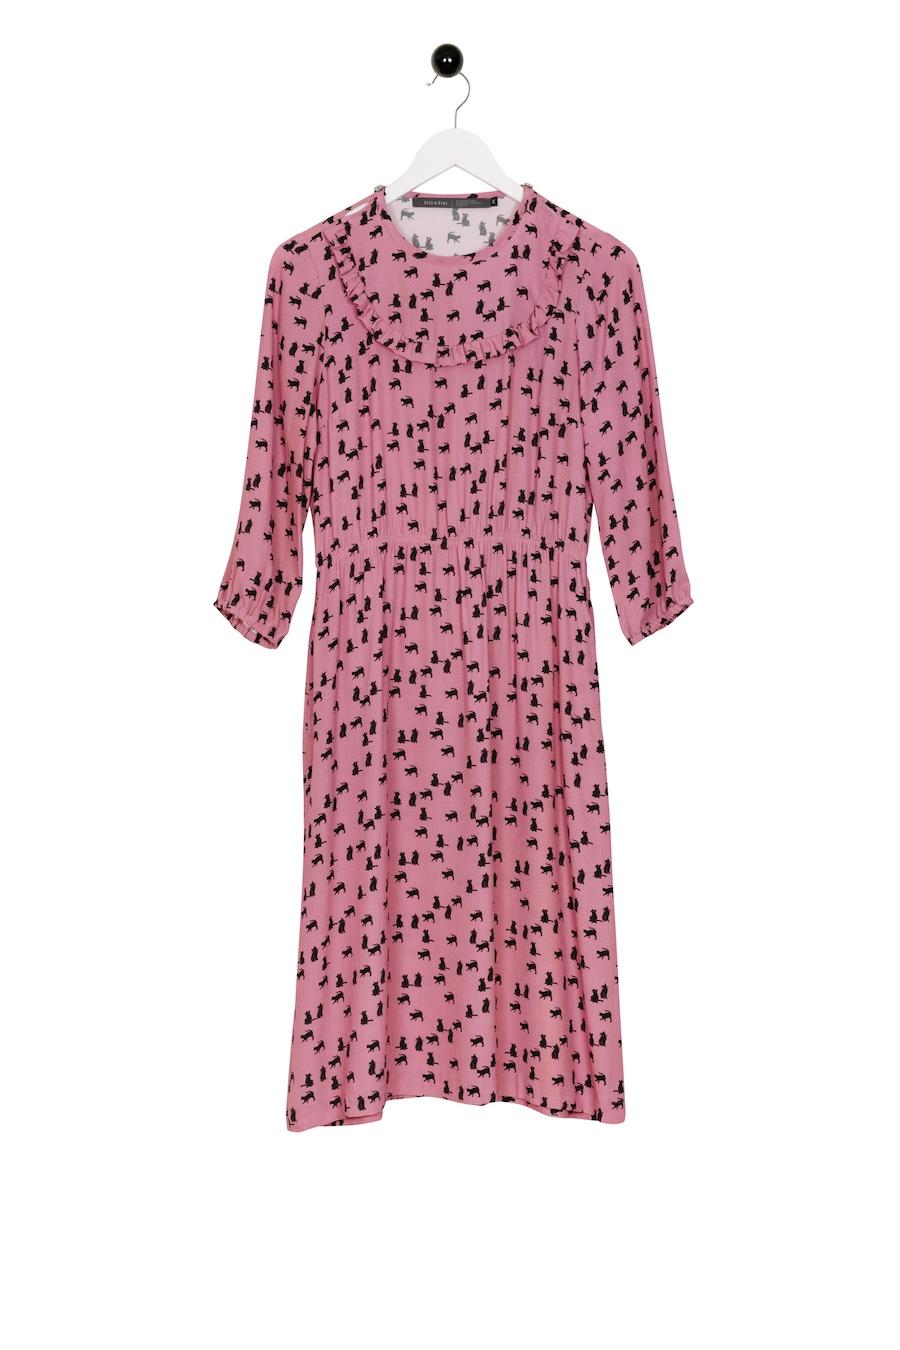 Kinloch Dress